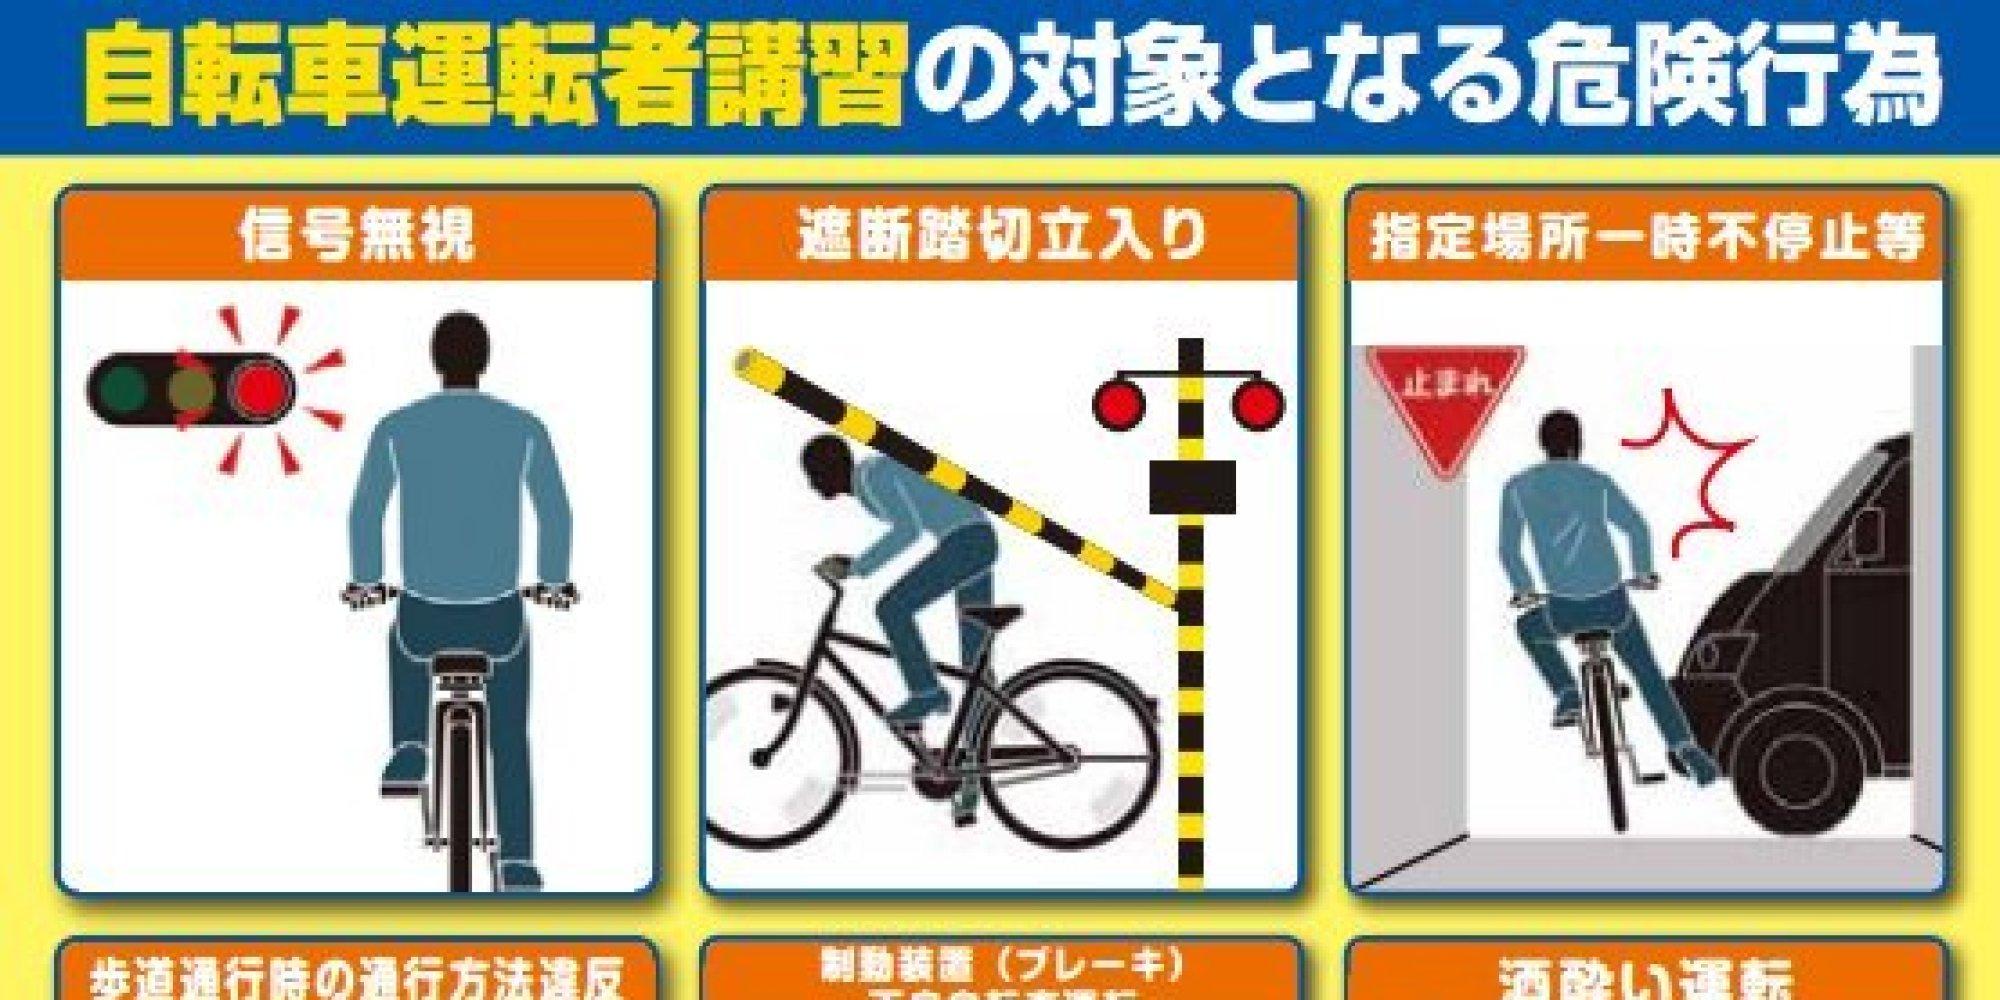 自転車の安全講習を義務化 ...